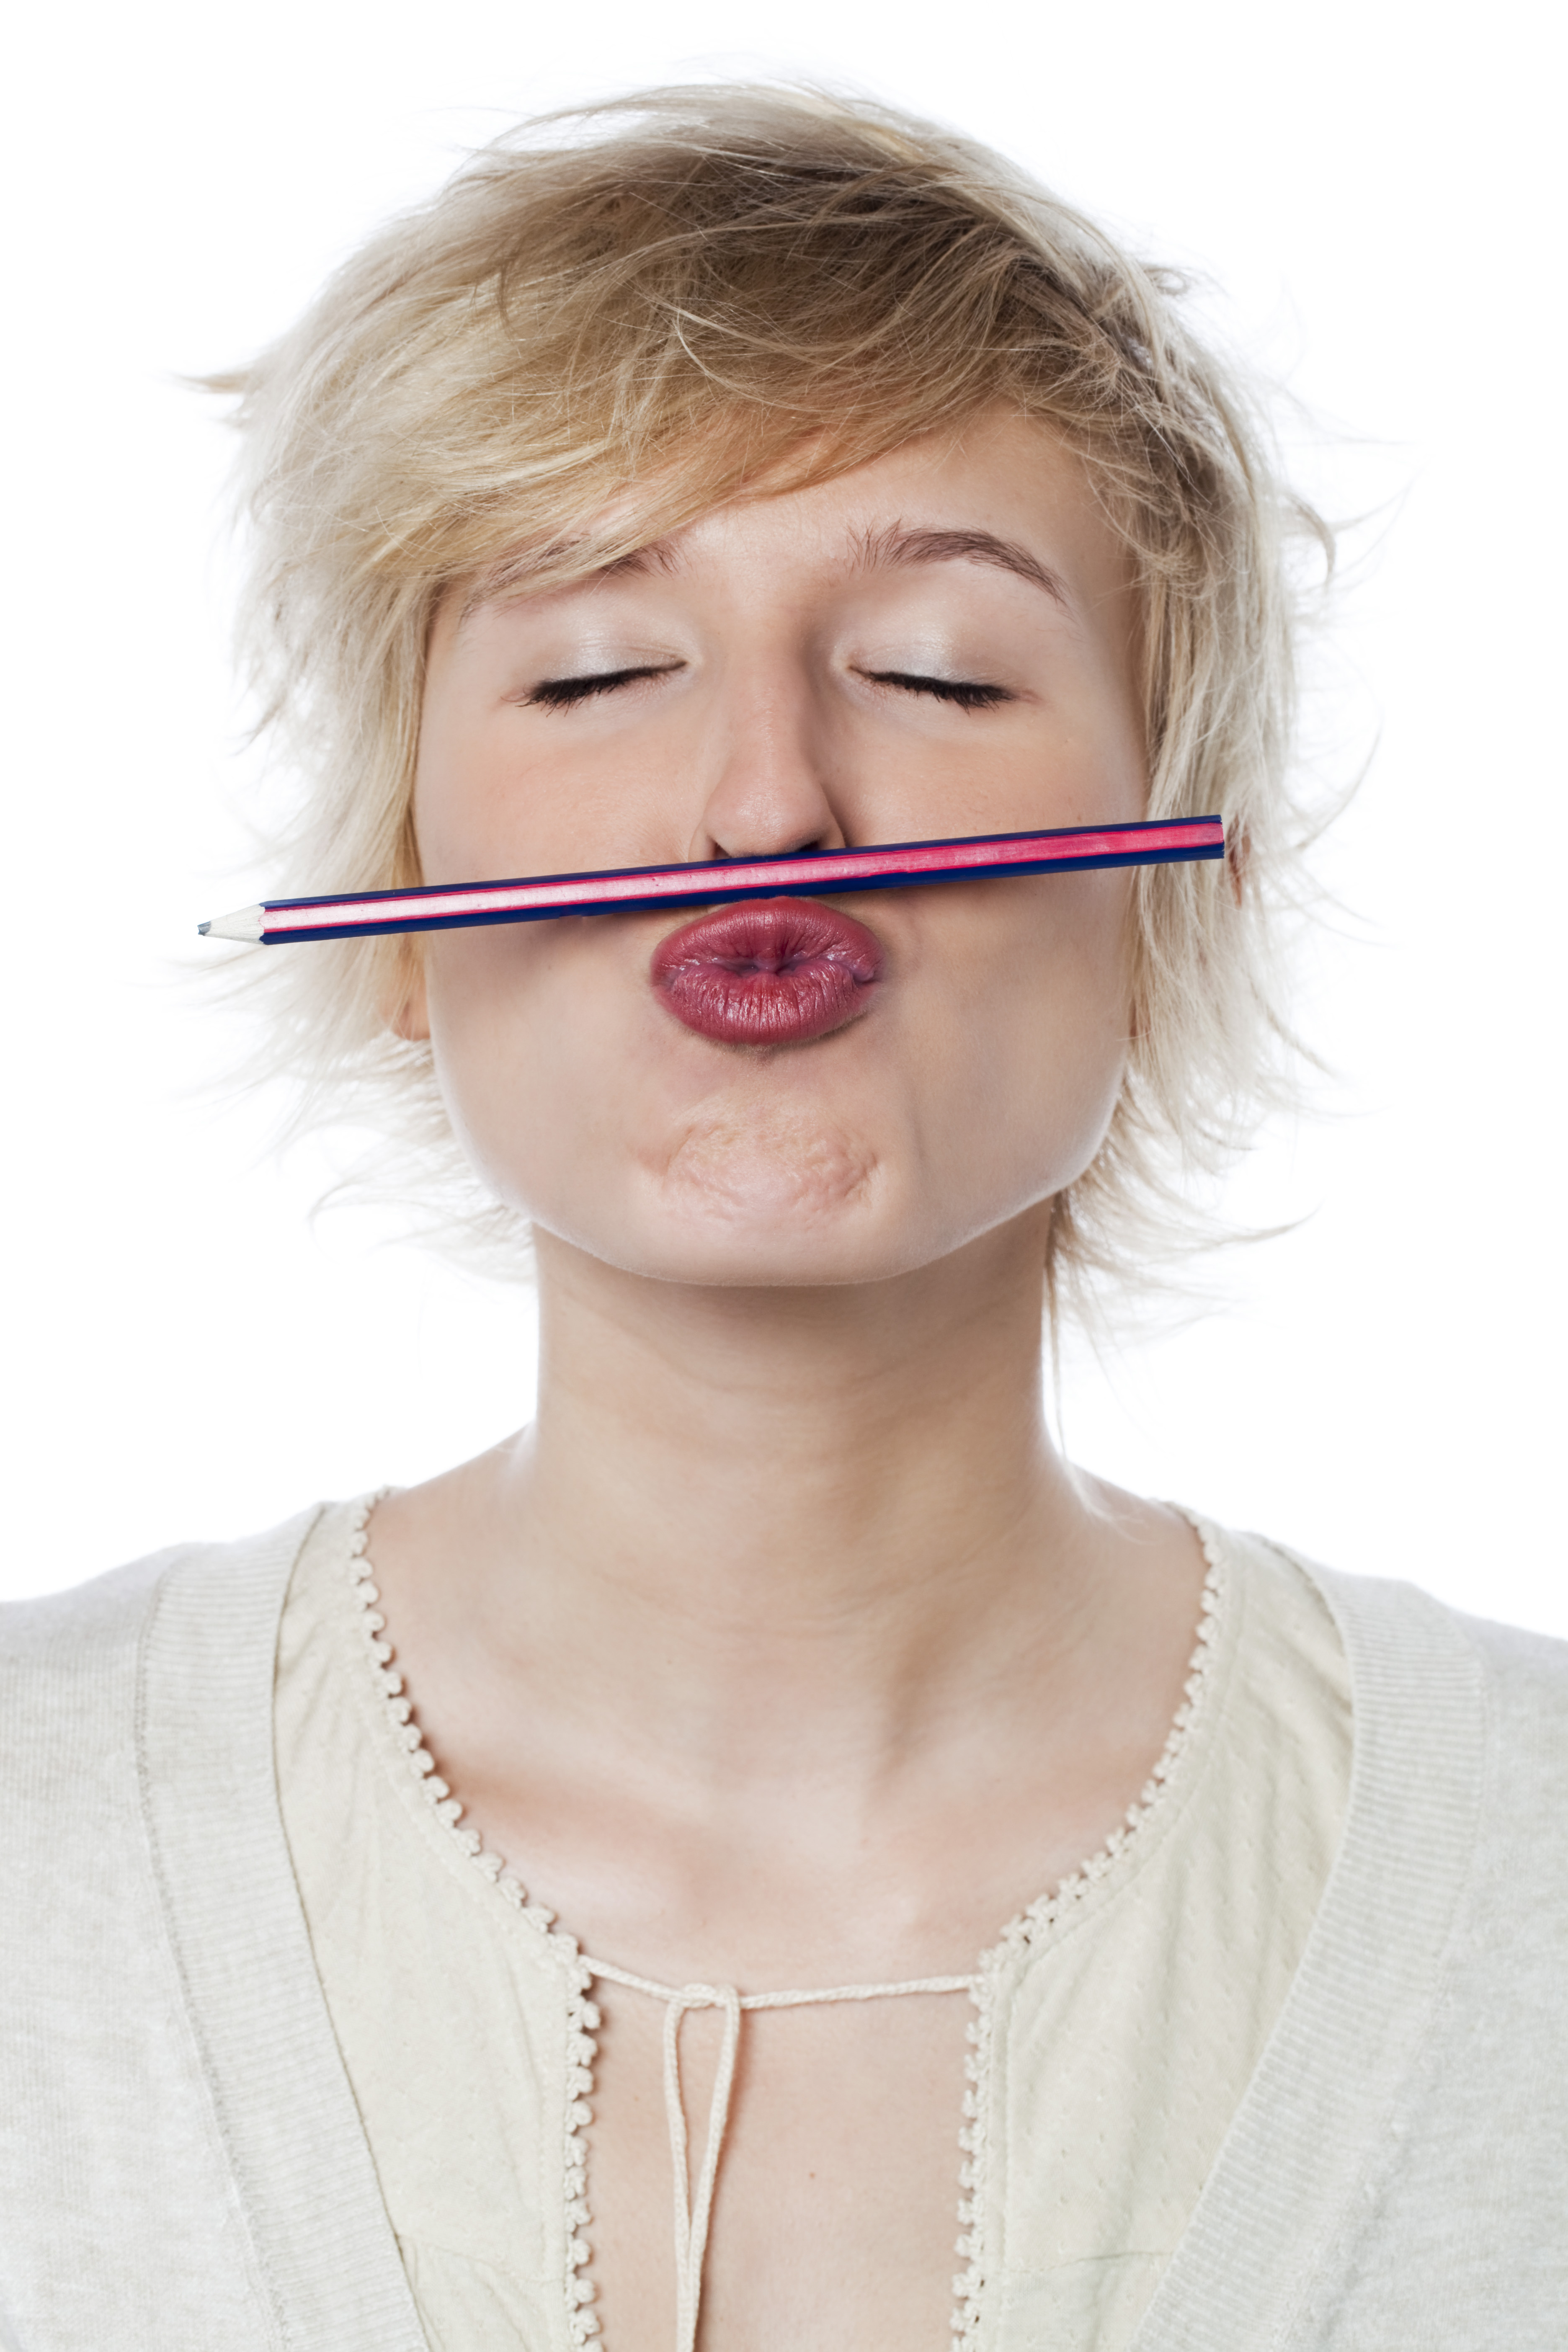 jeune fille heureuse crayon de papier